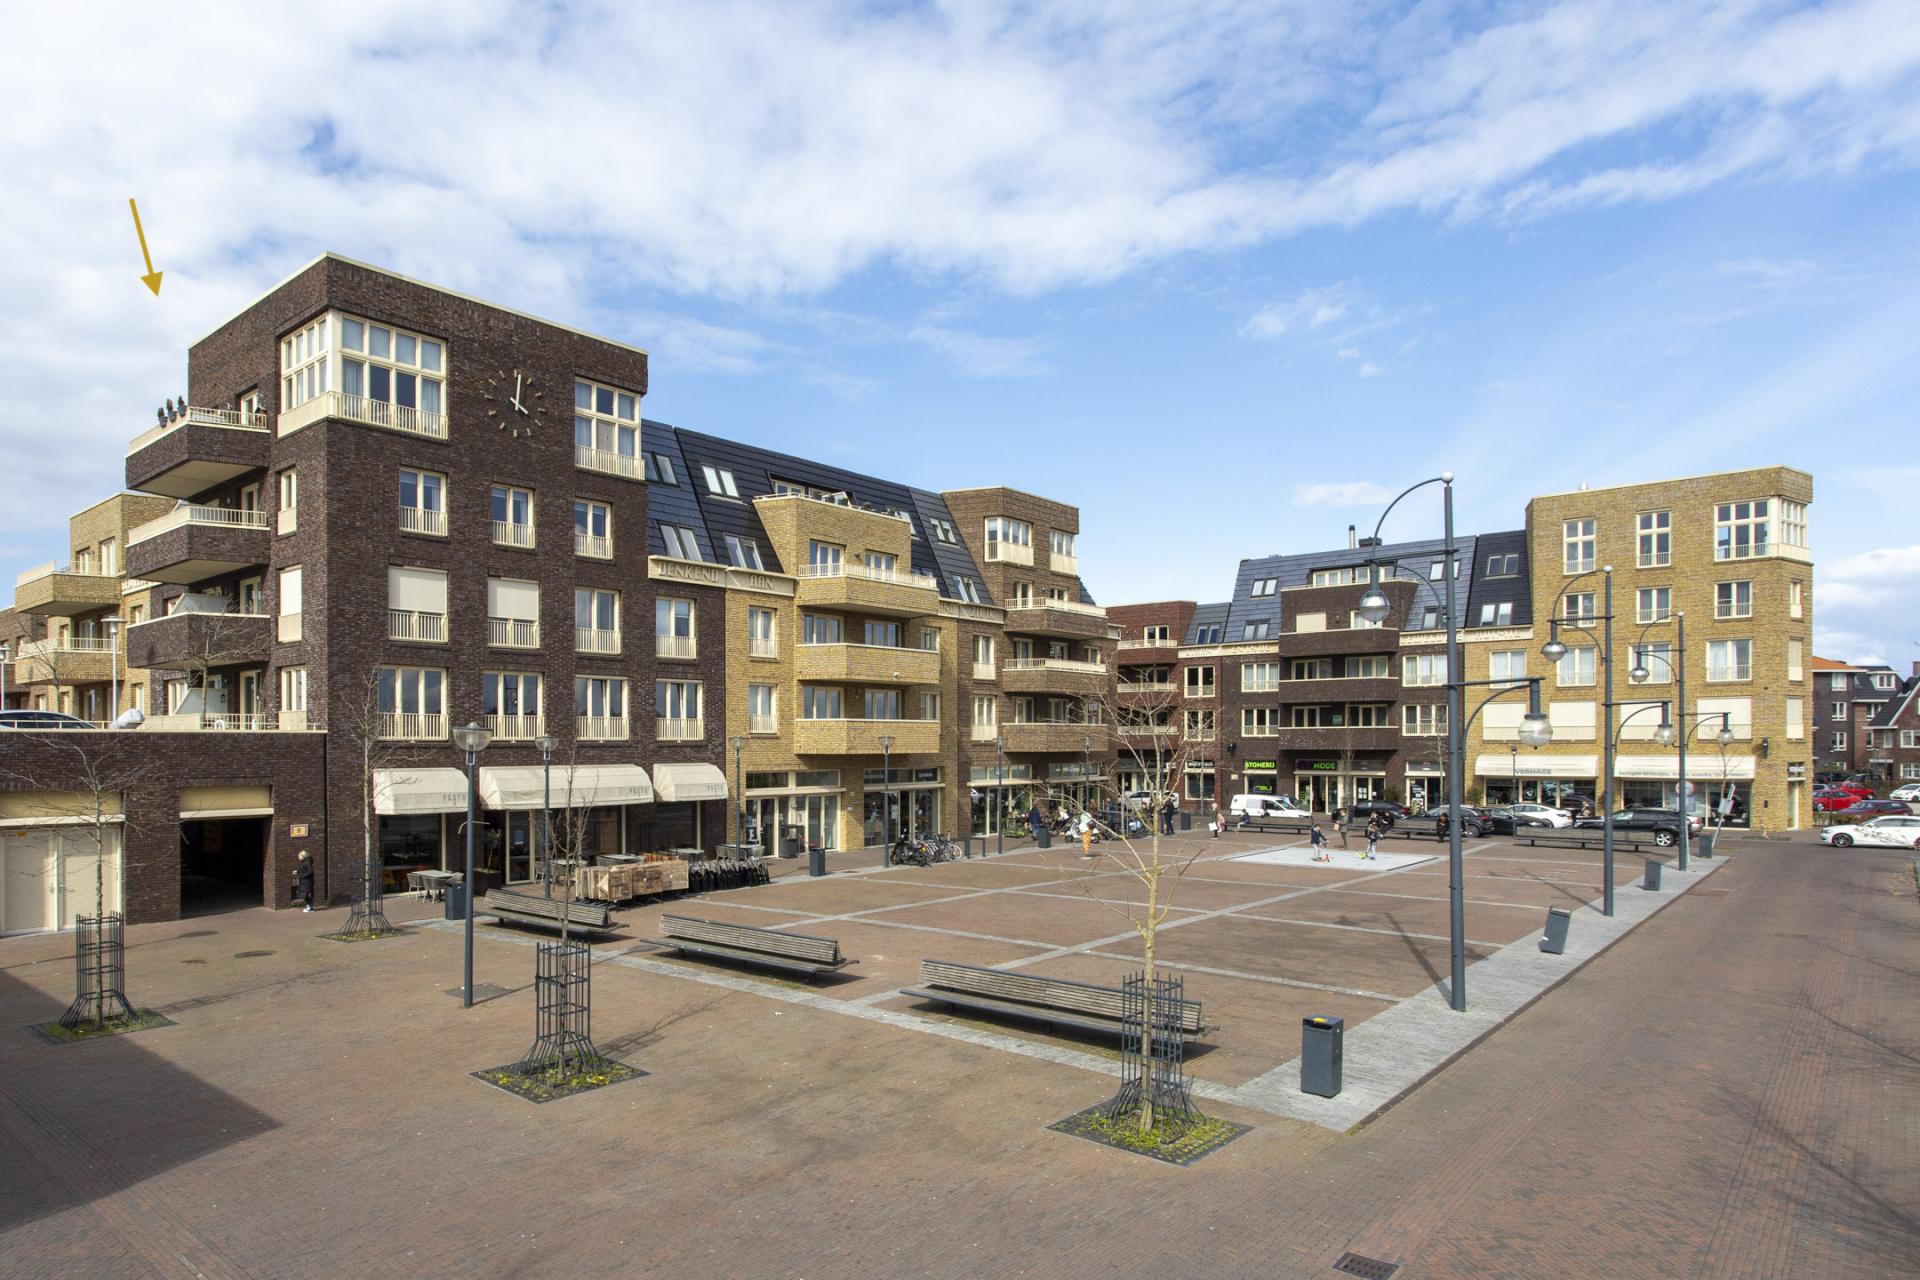 Afbeelding bij Een buitenkans: Westpolderplein 42 in verkoop!